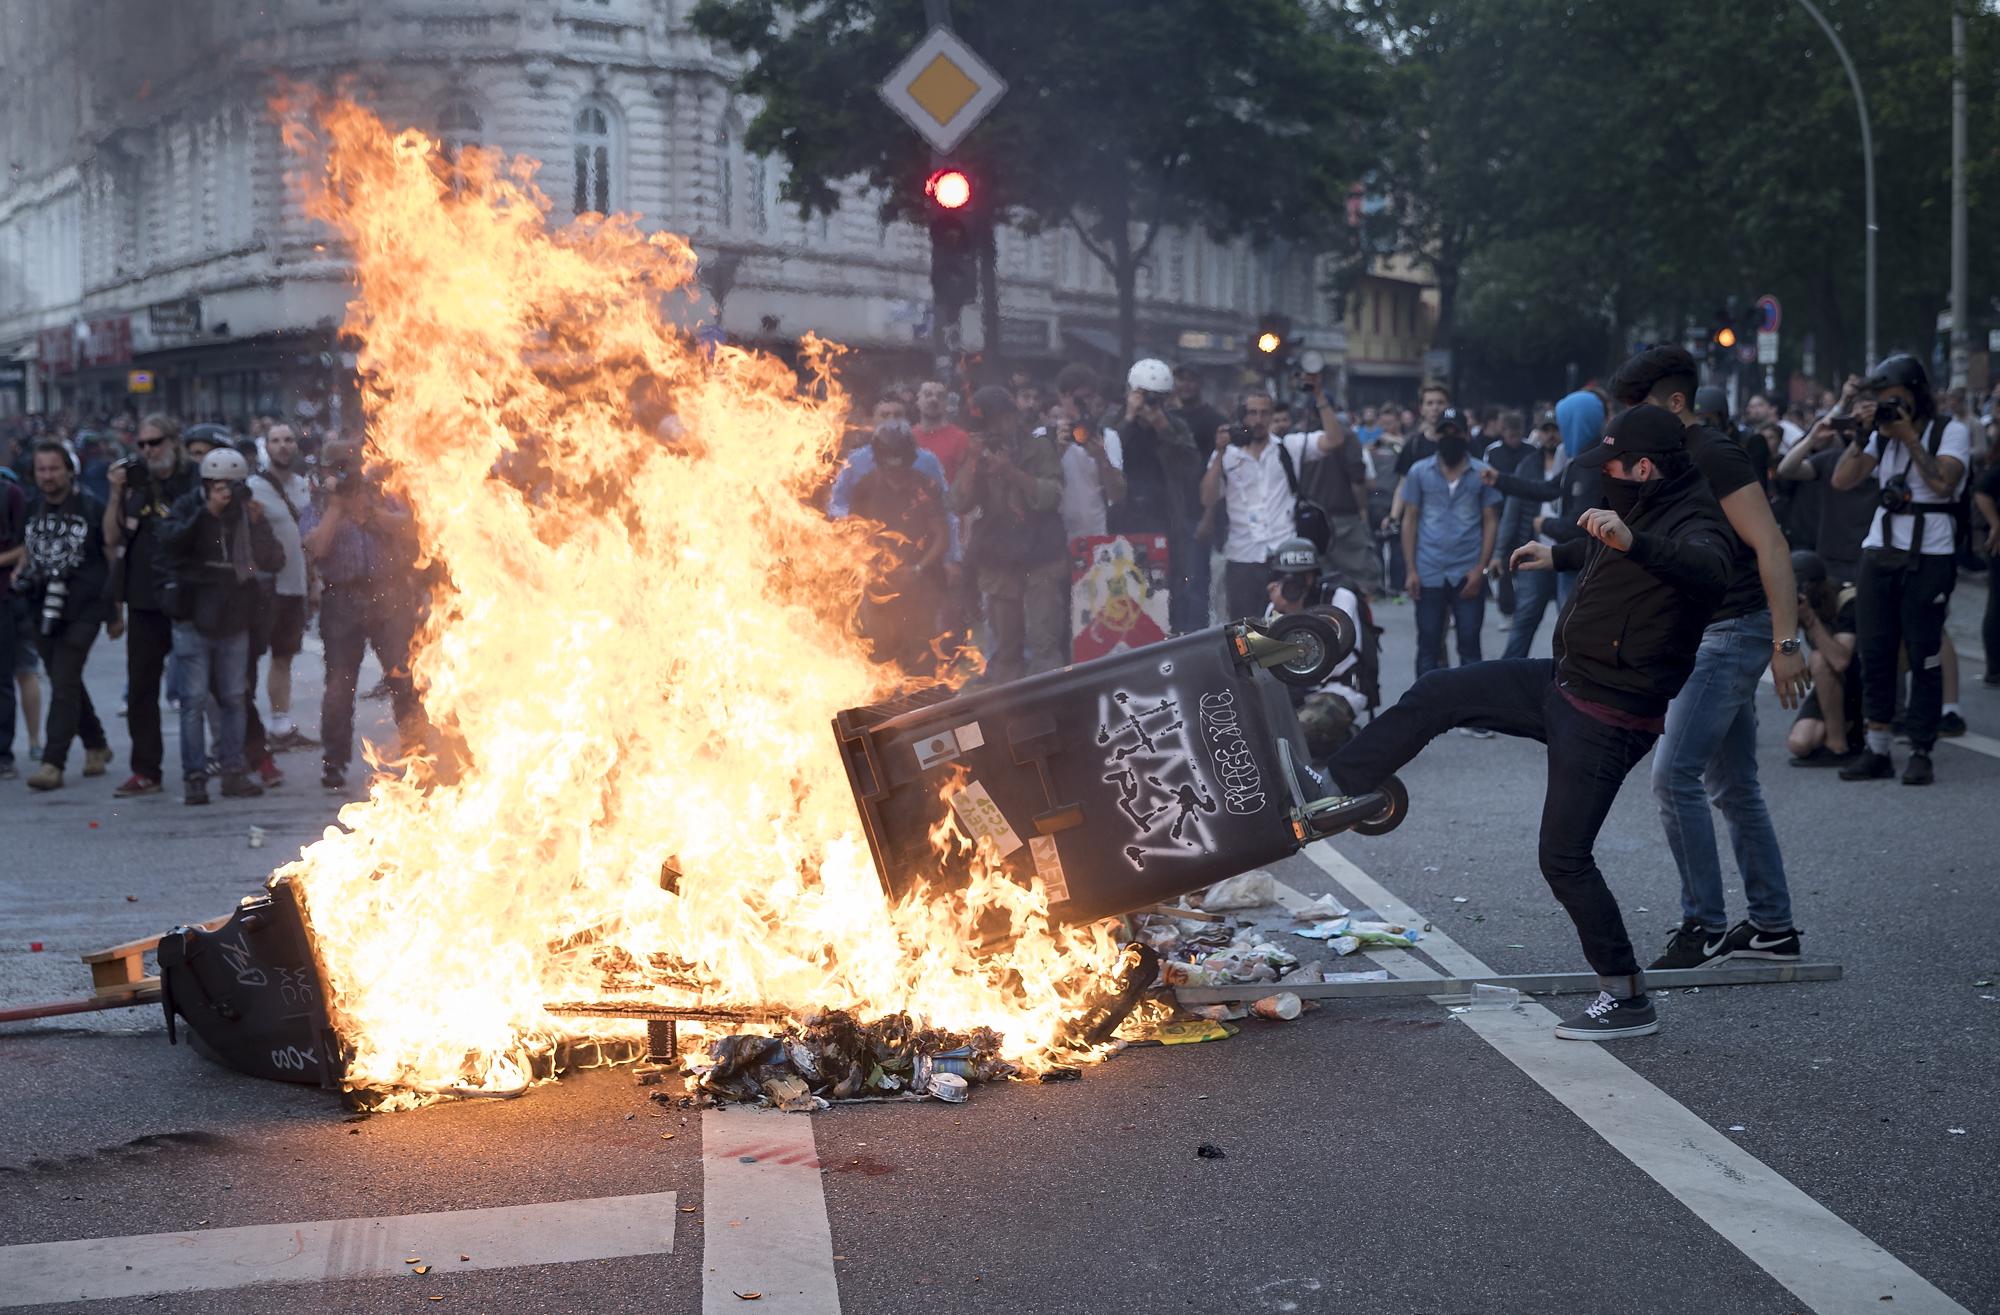 Demonstranten errichten am 07/07/2017 am Neuen Pferdemarkt in der Schanze in Hamburg eine brennende Barrikade. Foto Florian Schuh